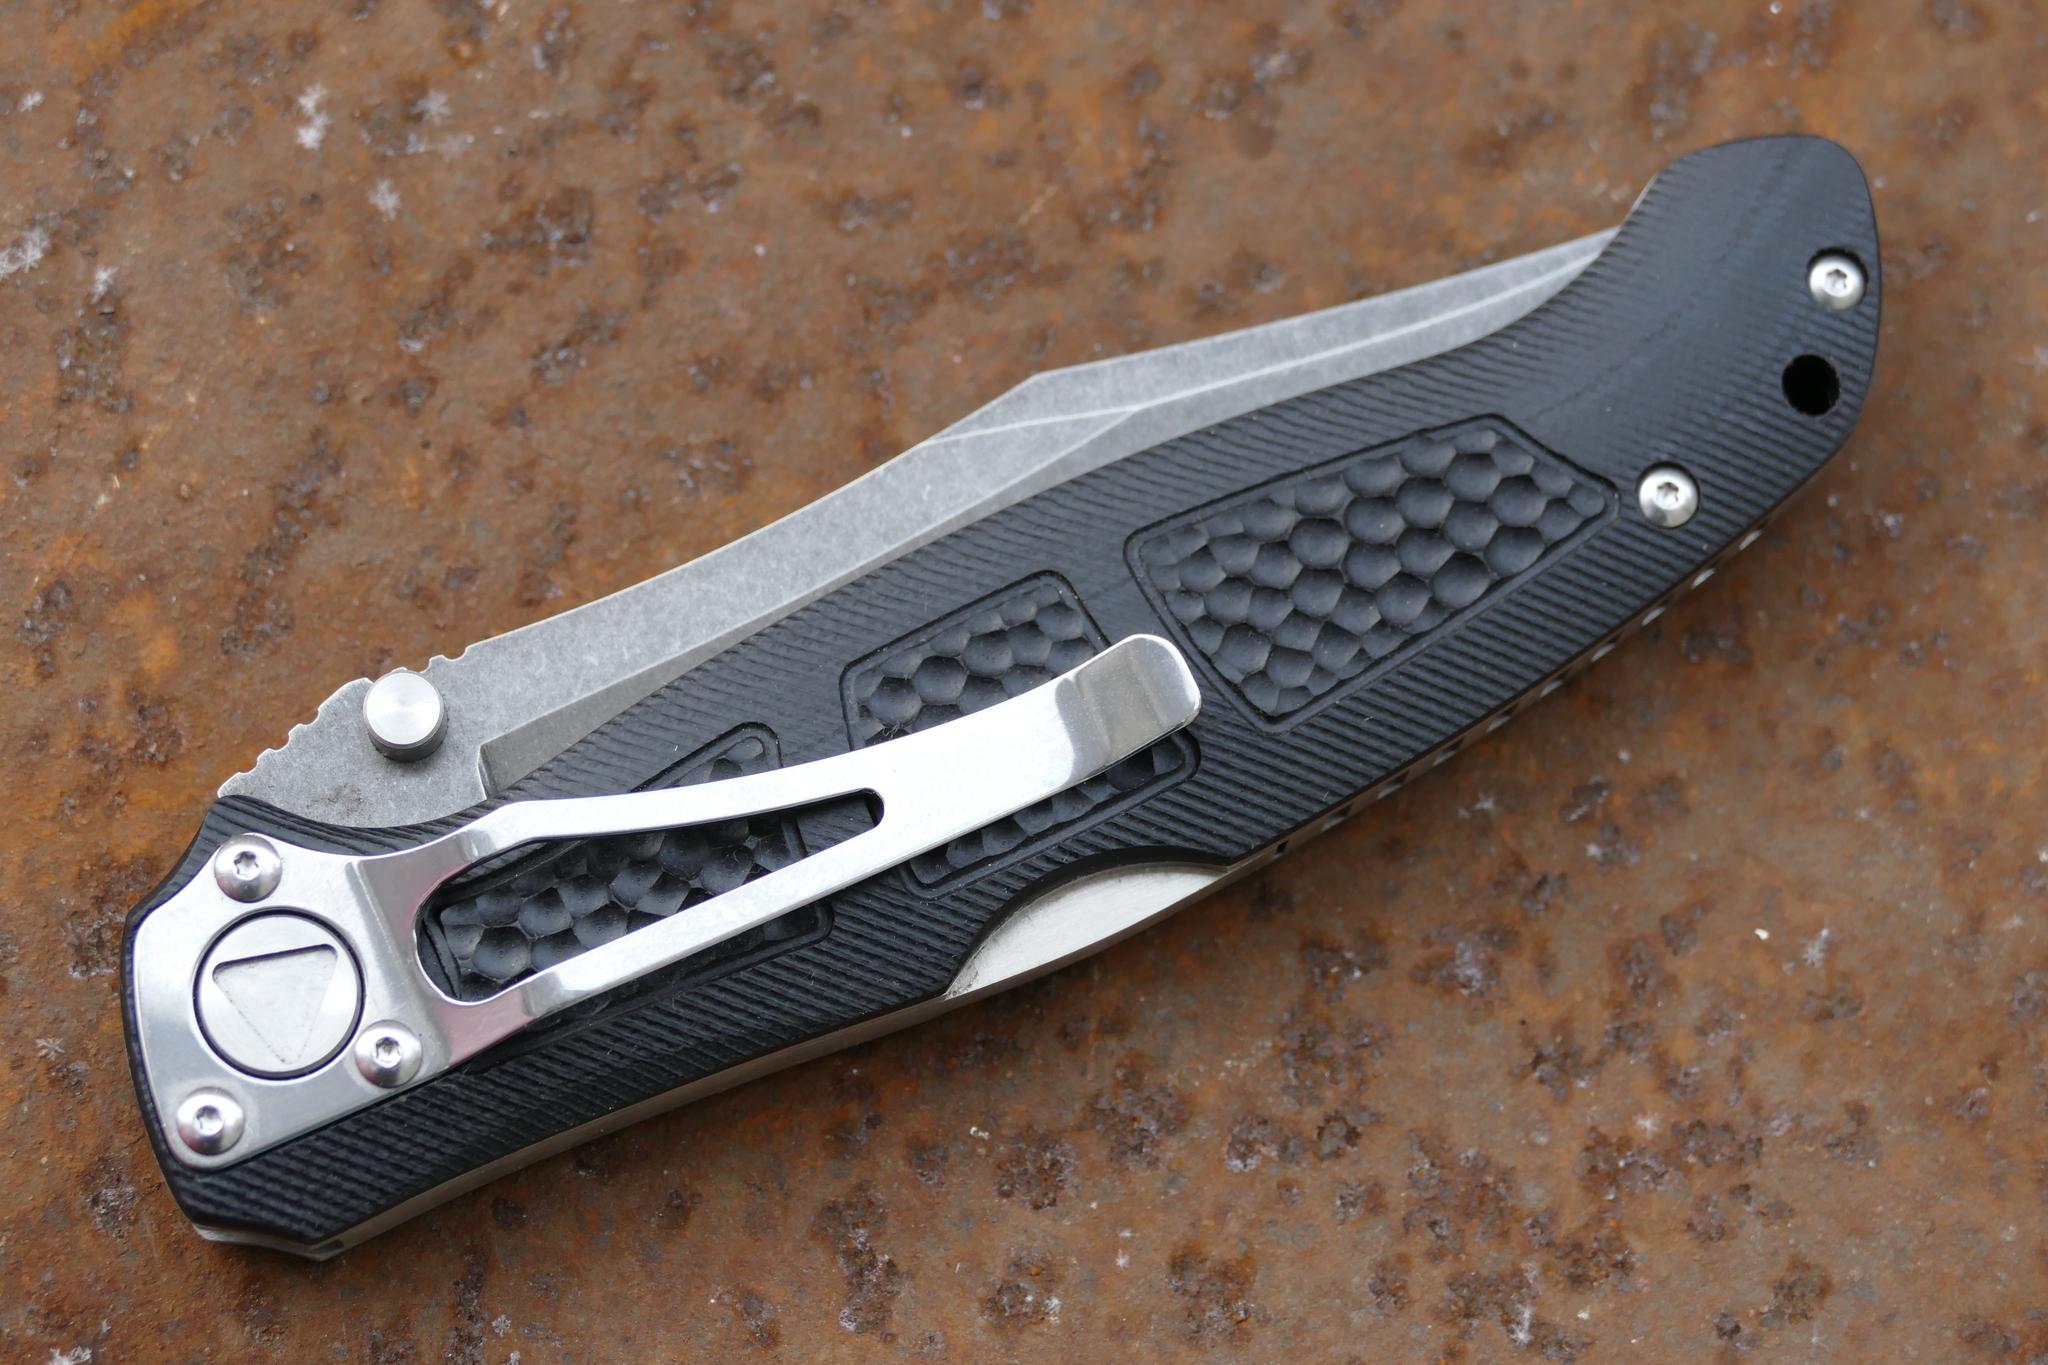 Фото 20 - Складной нож Брат 4, D2 от Steelclaw